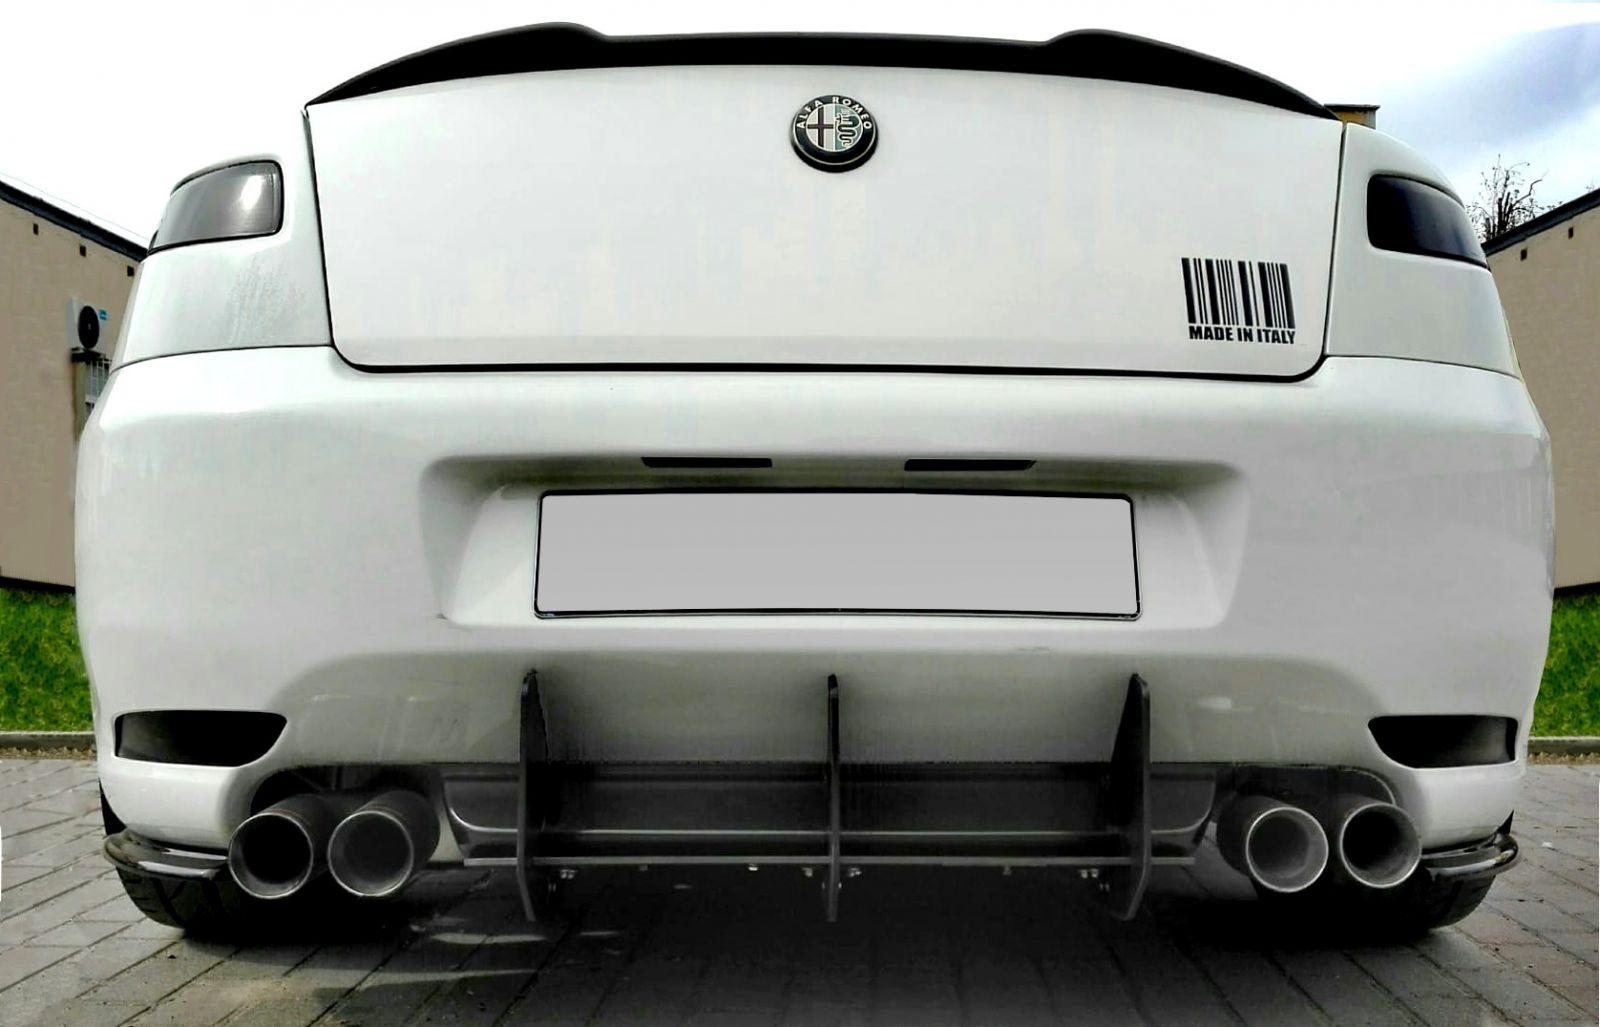 Stredový spojler pod zadný nárazník ALFA ROMEO GT 2004- 2010 Maxtondesign